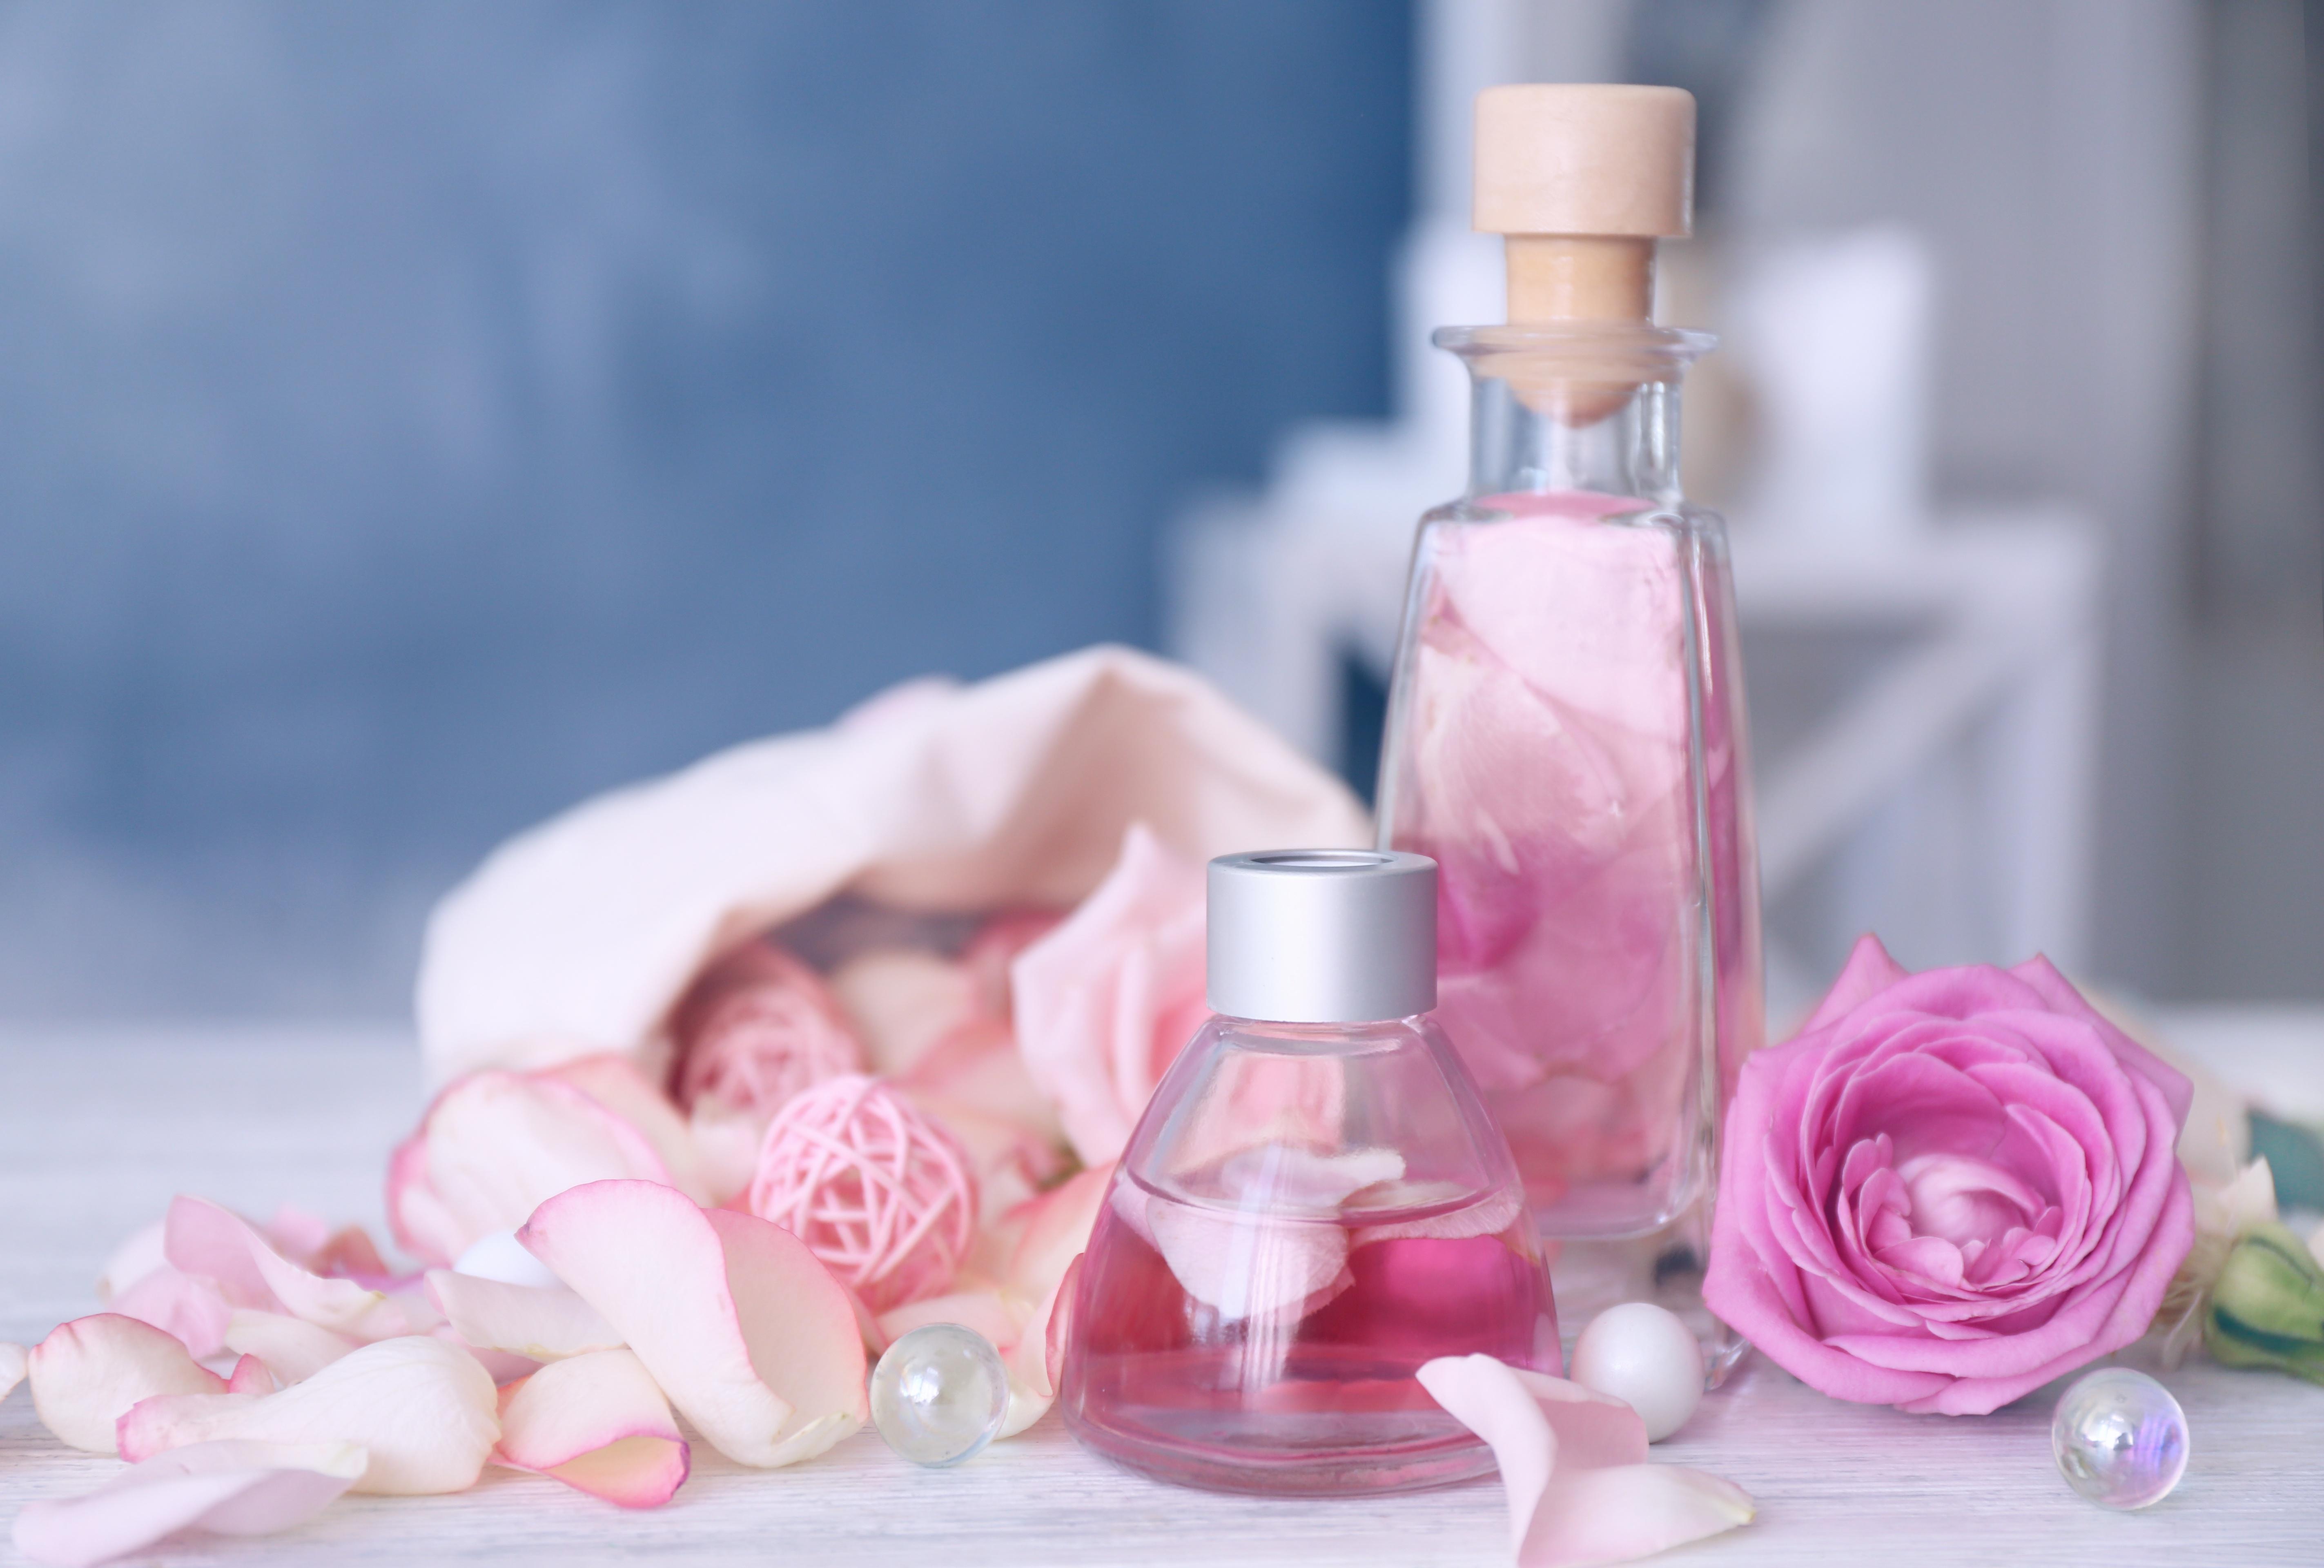 красивые картинки парфюм для сайта сложи скумбрию или